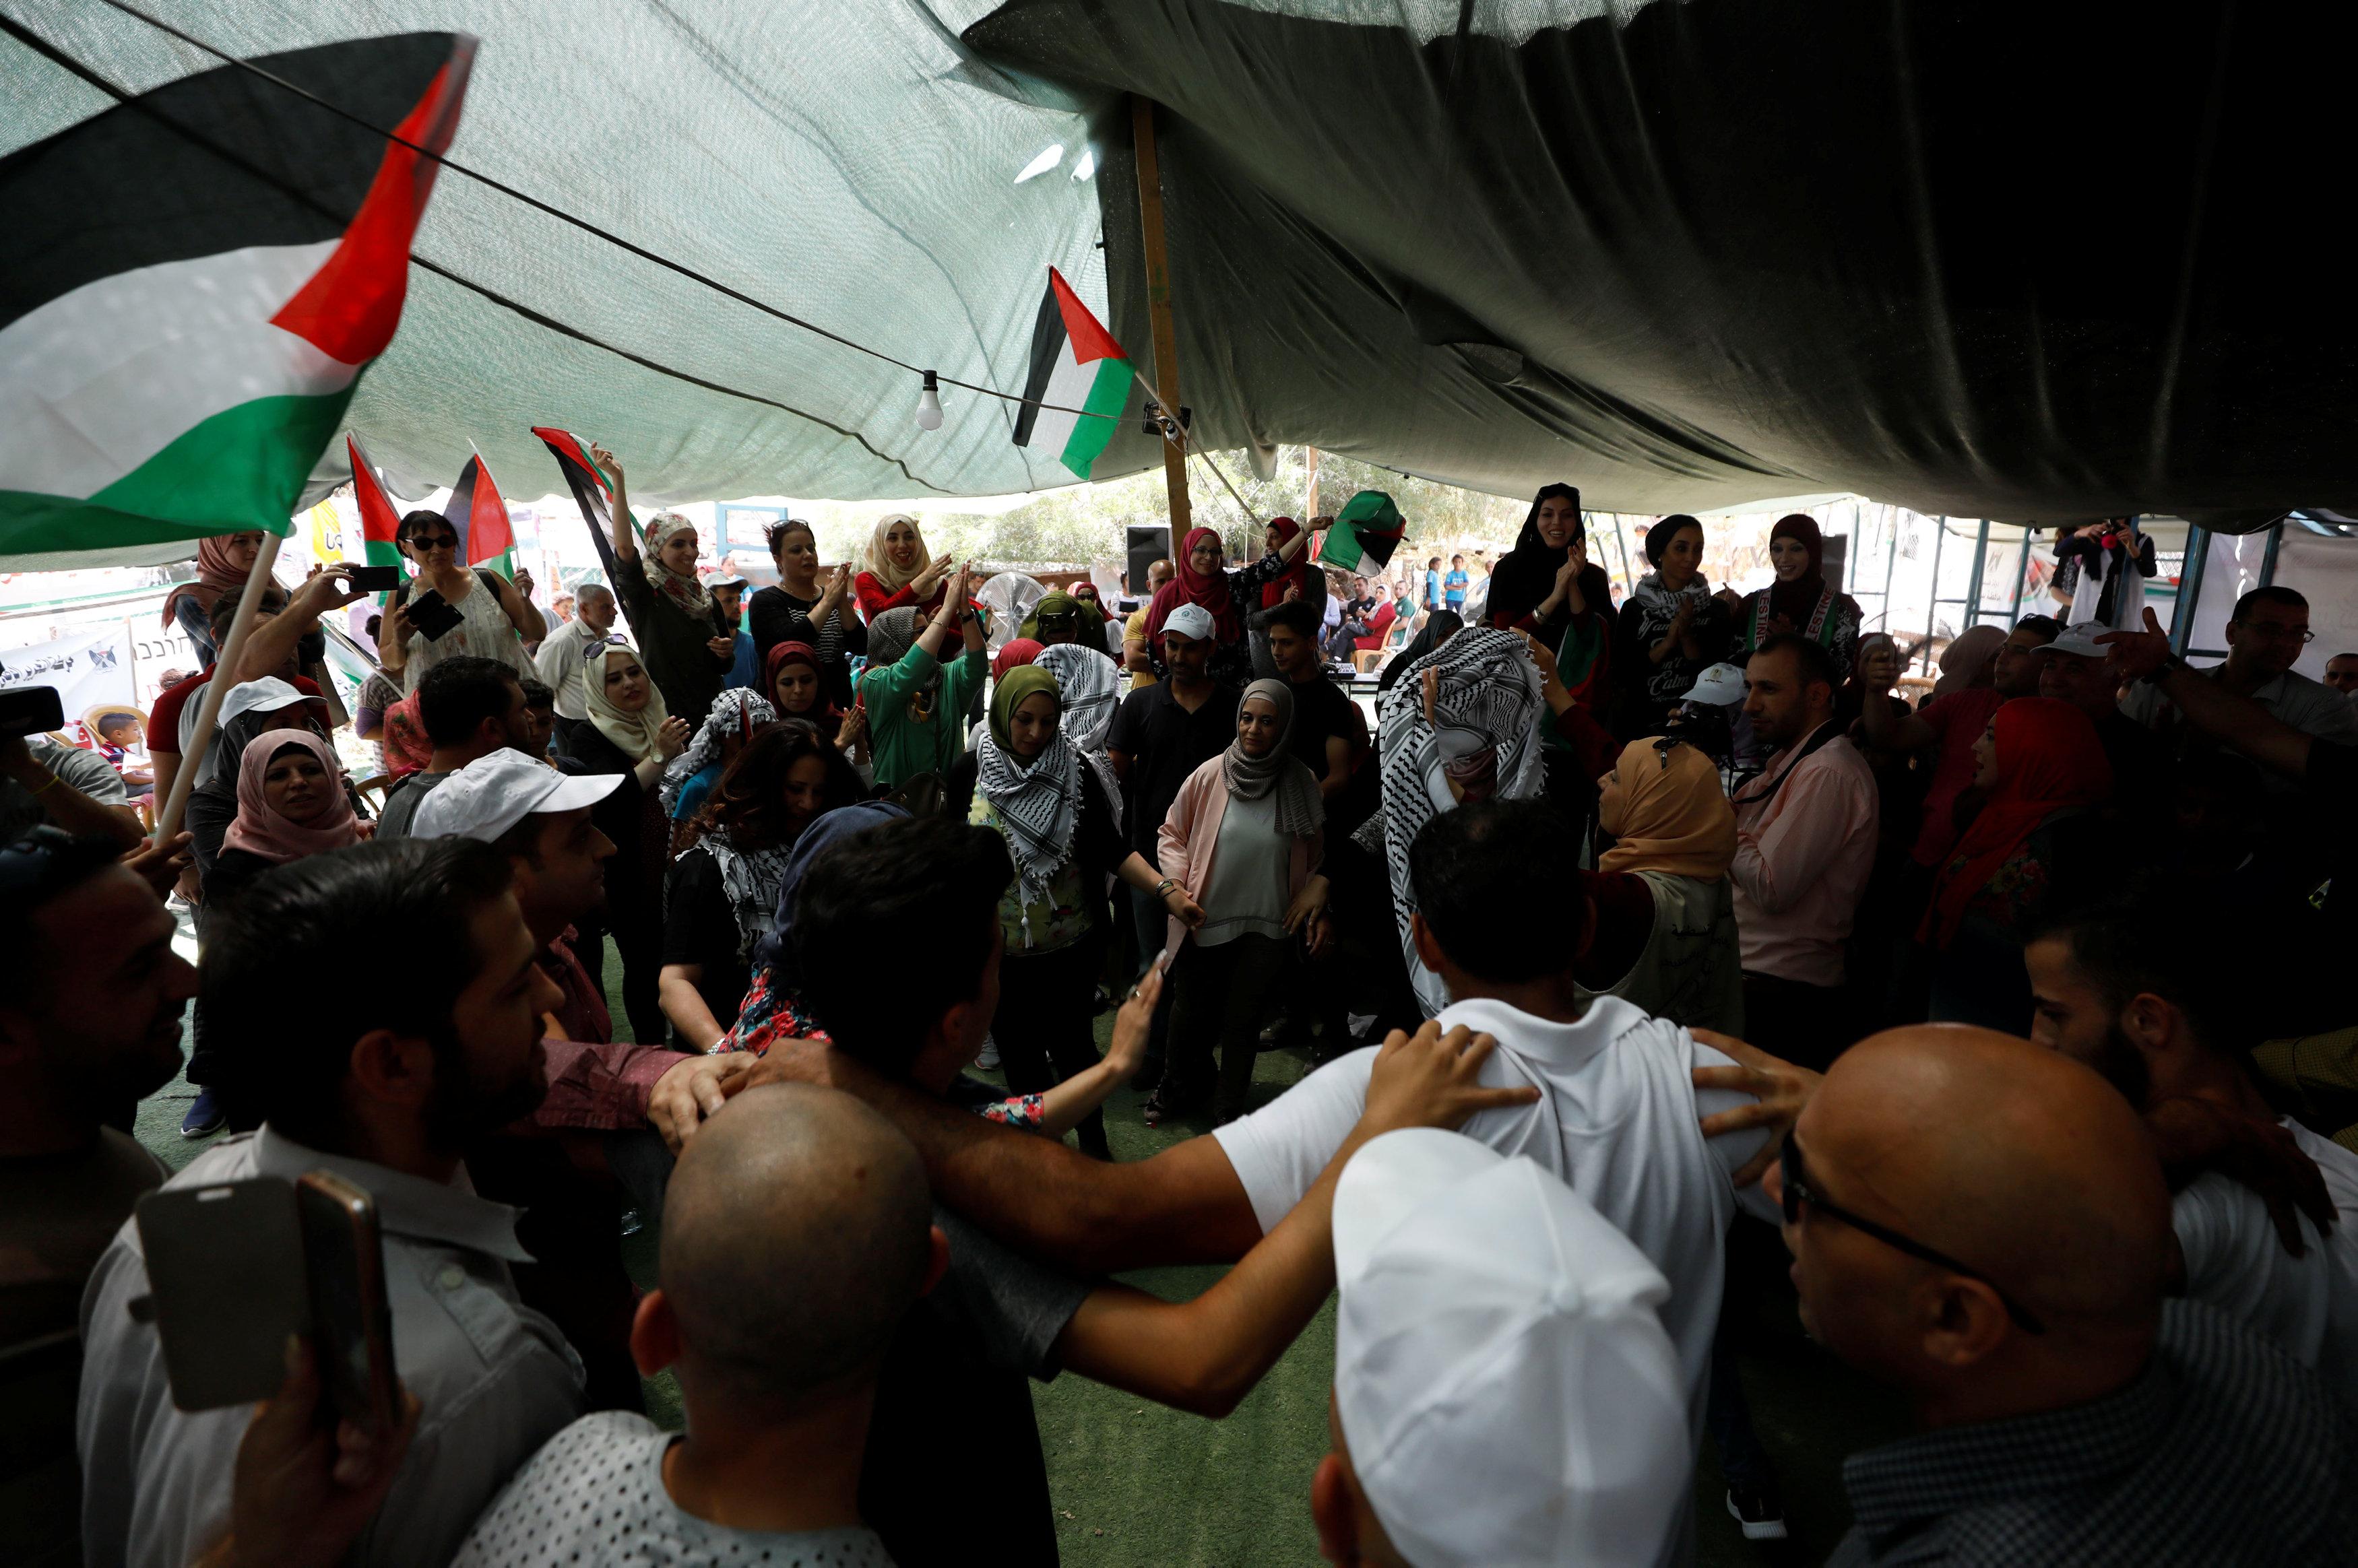 الفلسطينيون يرفعون الأعلام رافضين هدم القرية